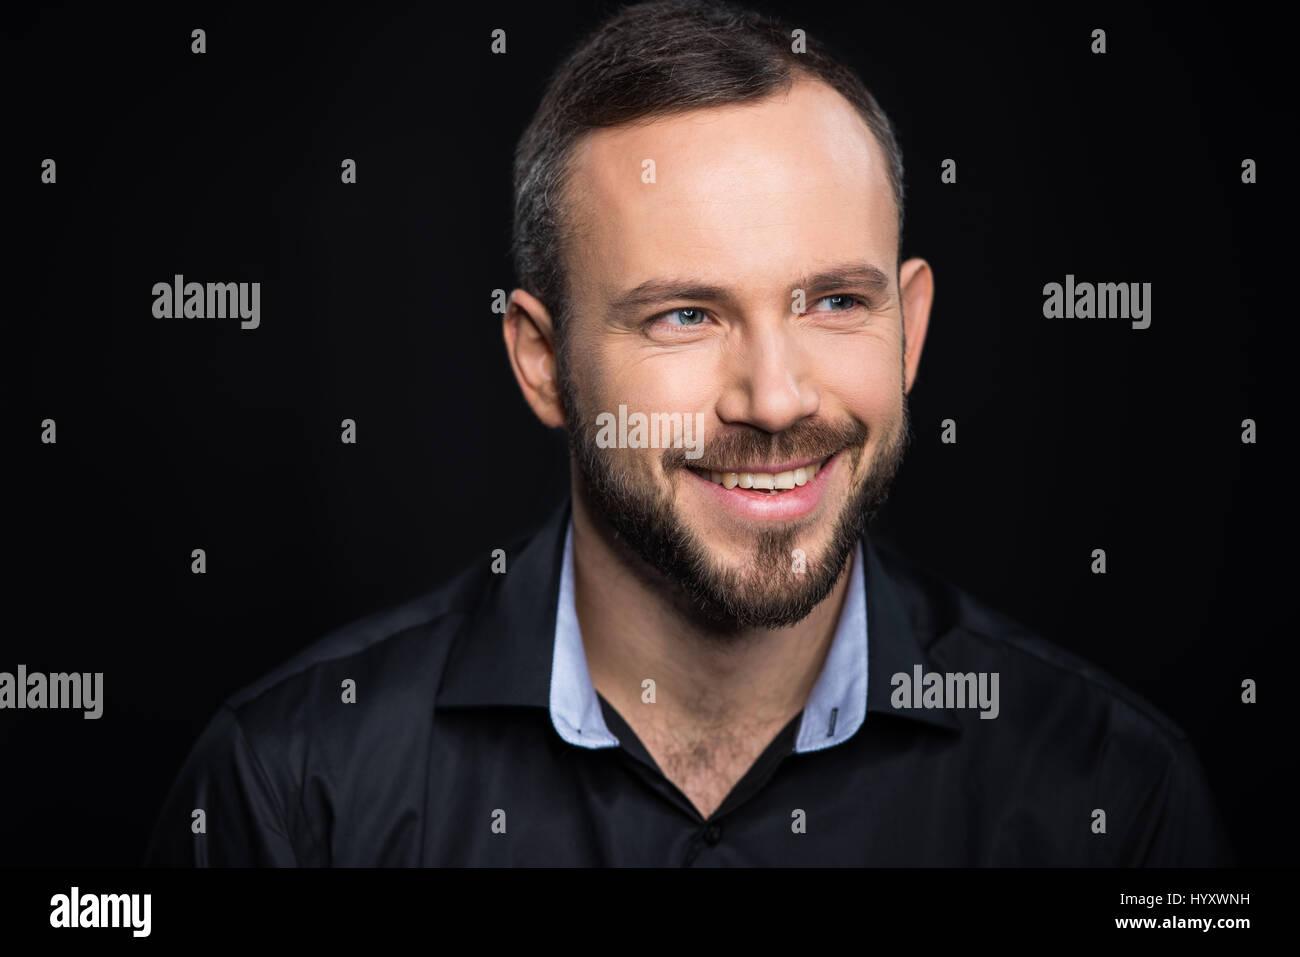 Retrato de apuesto hombre barbado sonriendo y mirando a otro lado Imagen De Stock